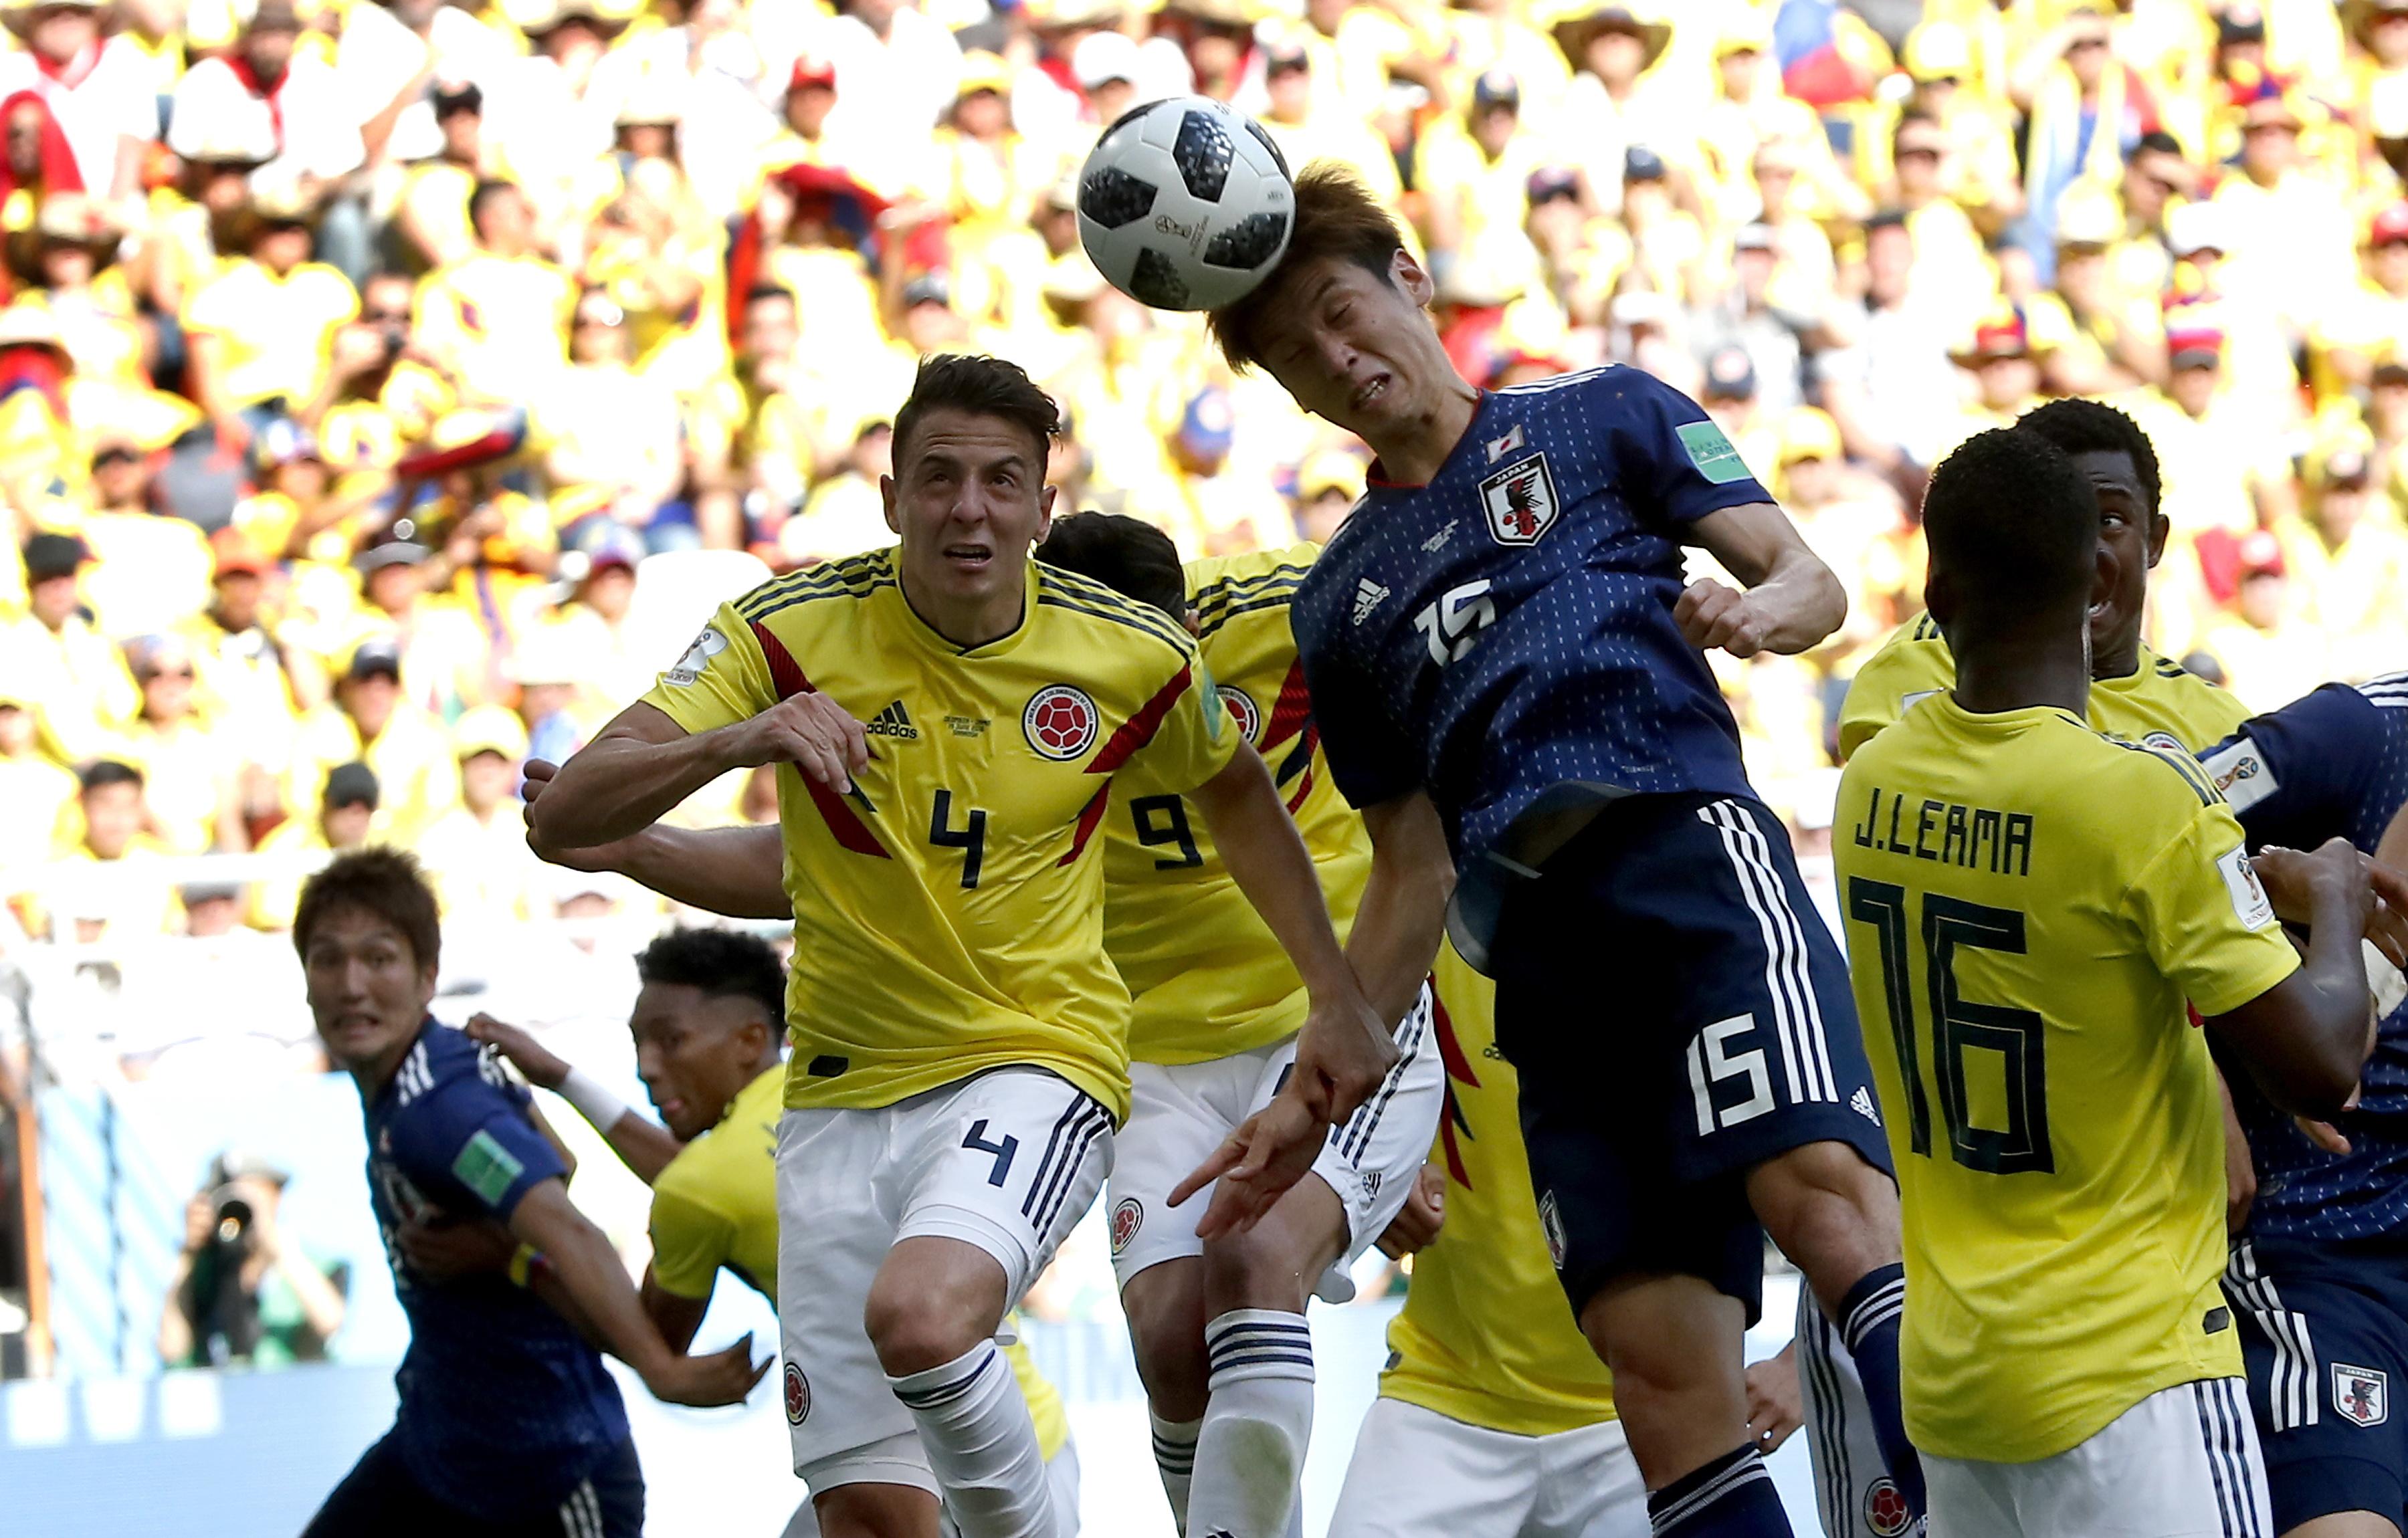 Colômbia 1-2 Japão: Pekerman lamenta cansaço, Nishino destaca justiça do segundo golo